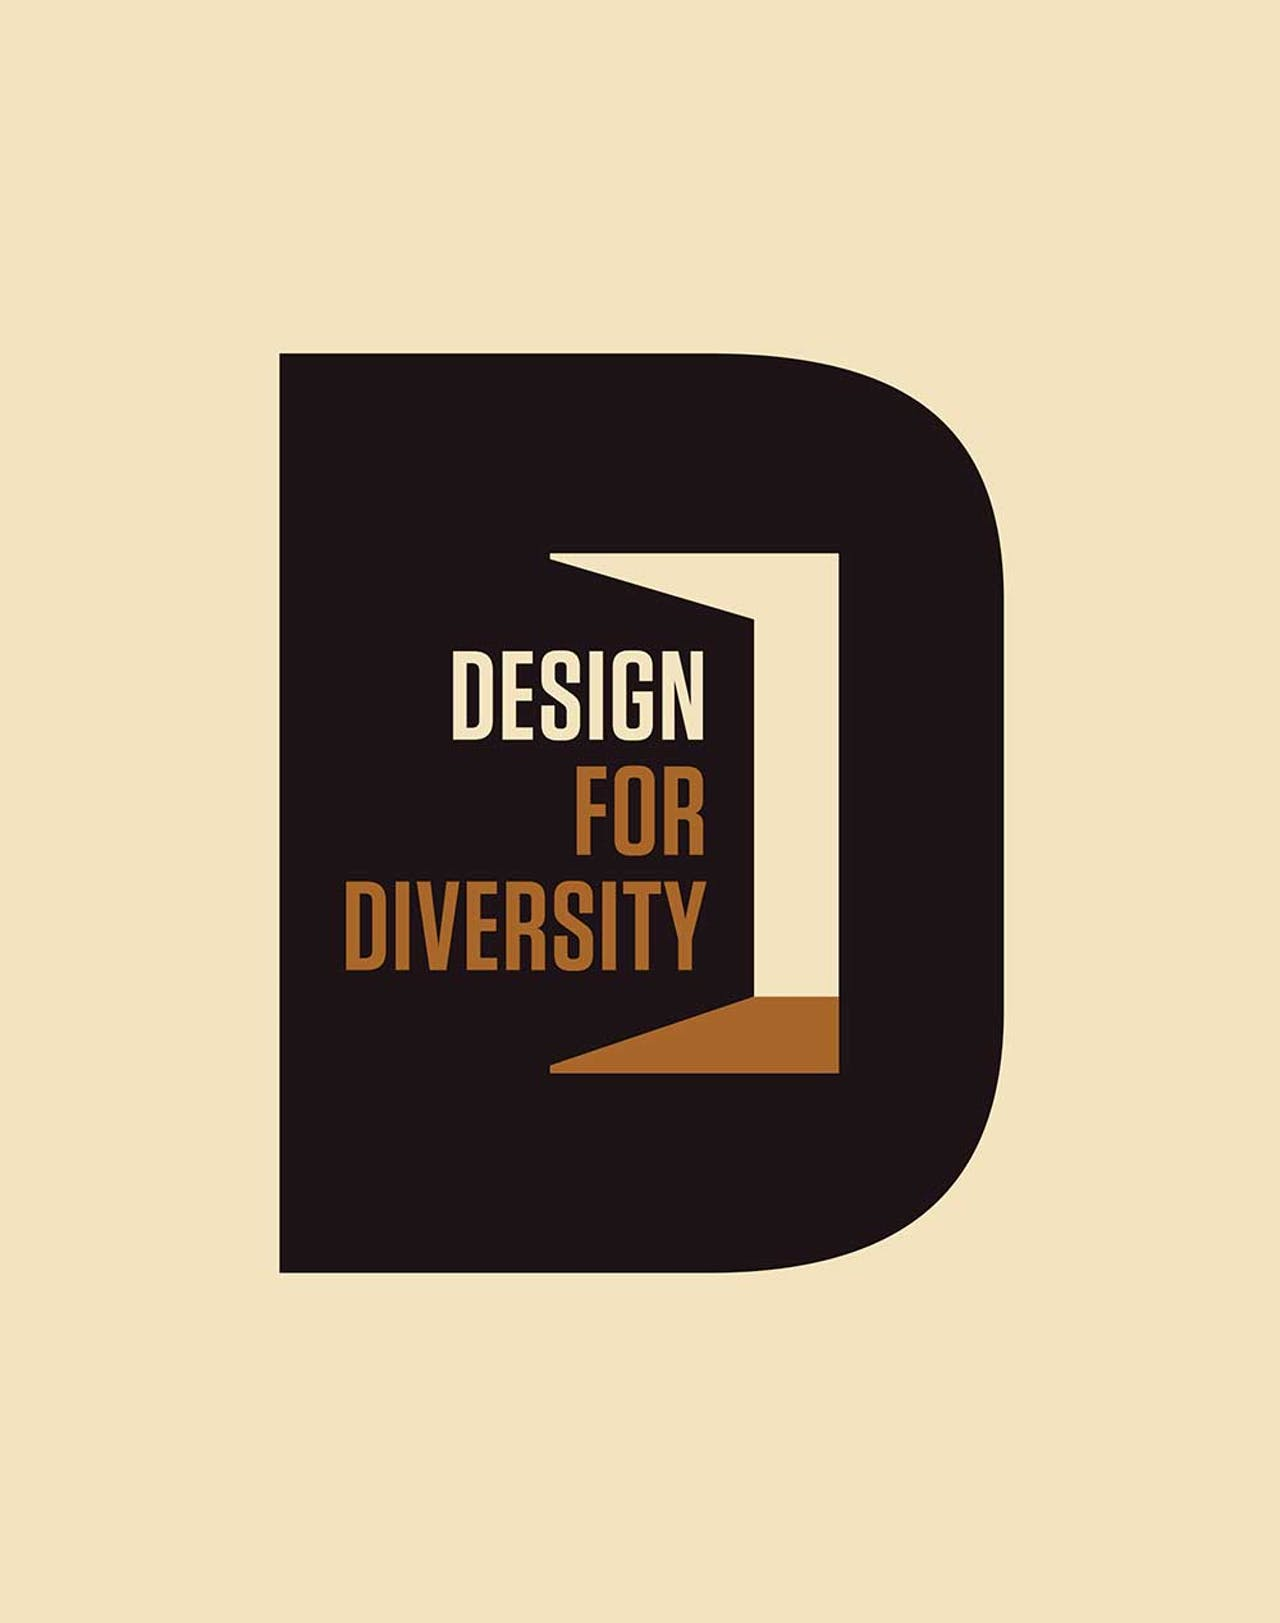 design for diversity logo